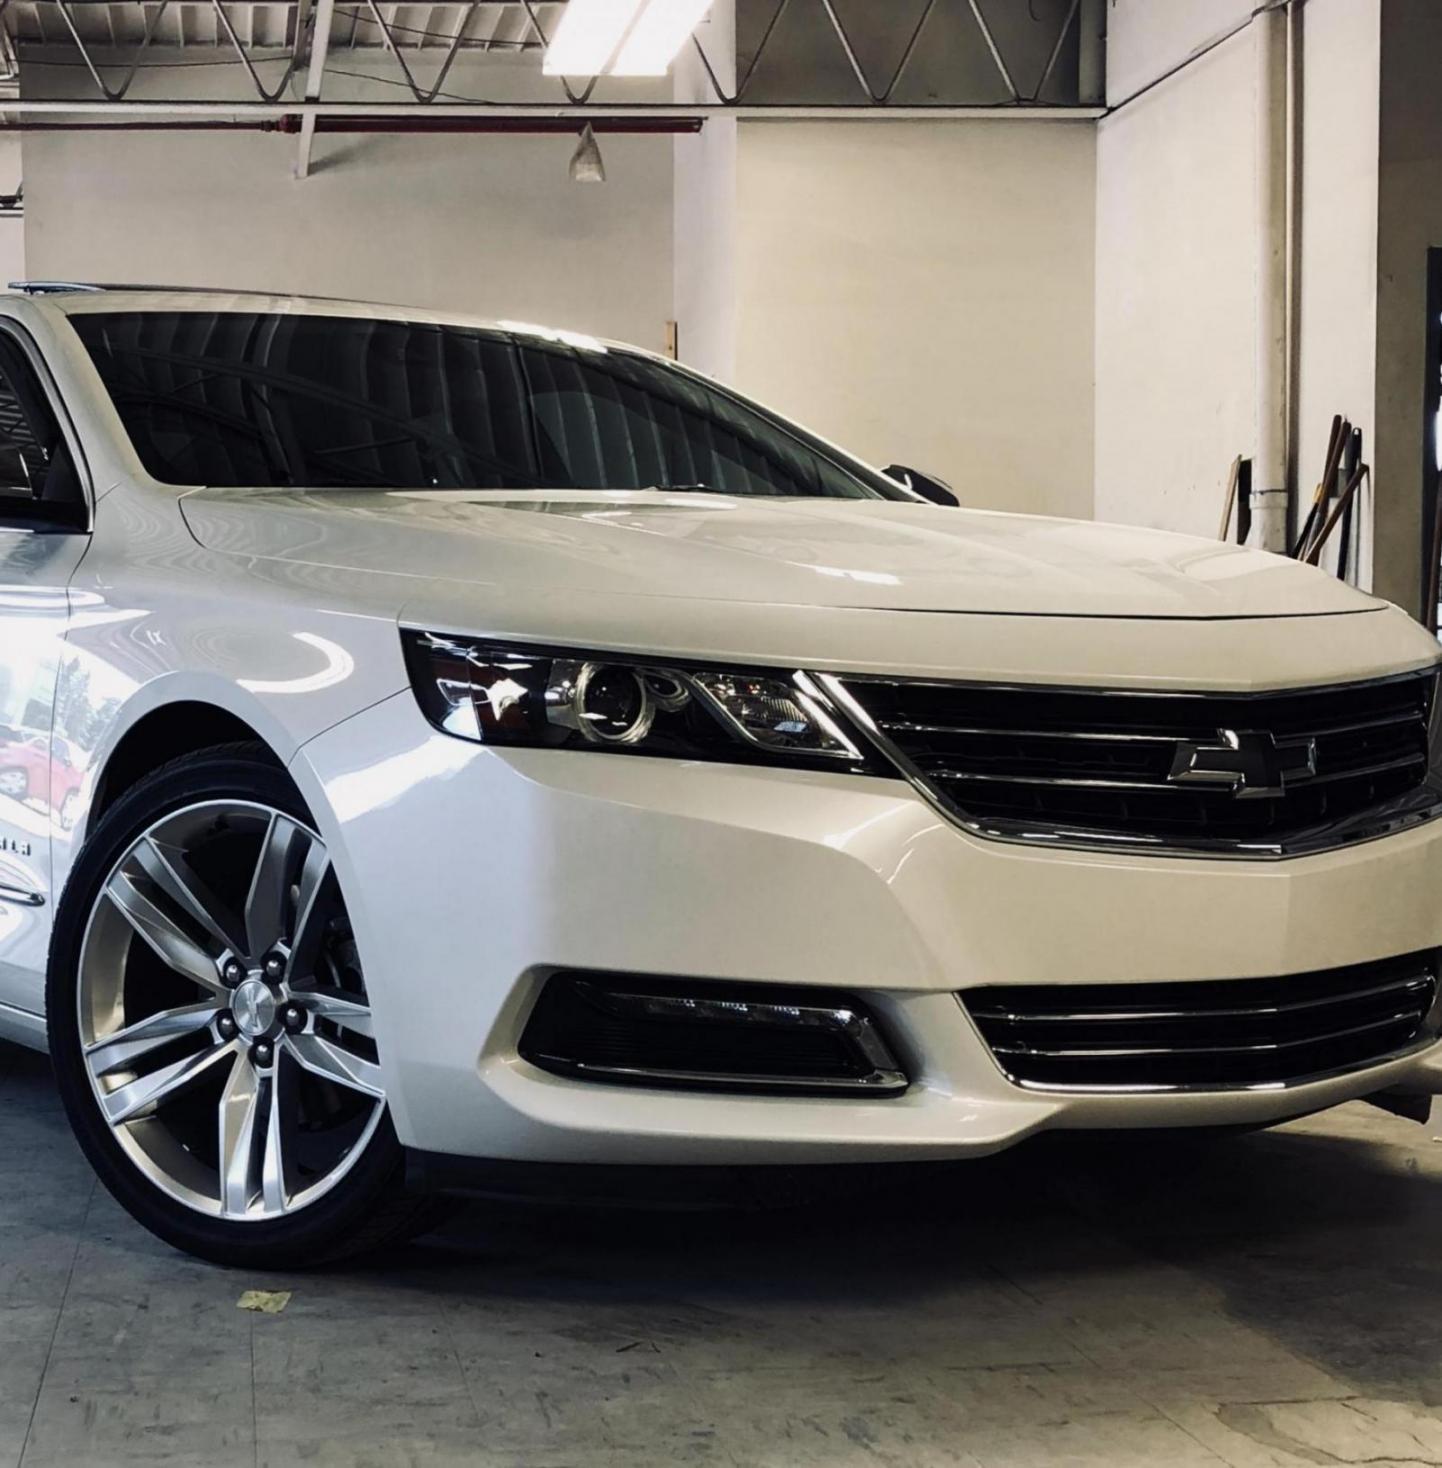 Hello Epsilon II- 2014 Impala LTZ-dc6fa9de-28d3-4d9a-a48a-da181417cf4b_1528042325535.jpeg